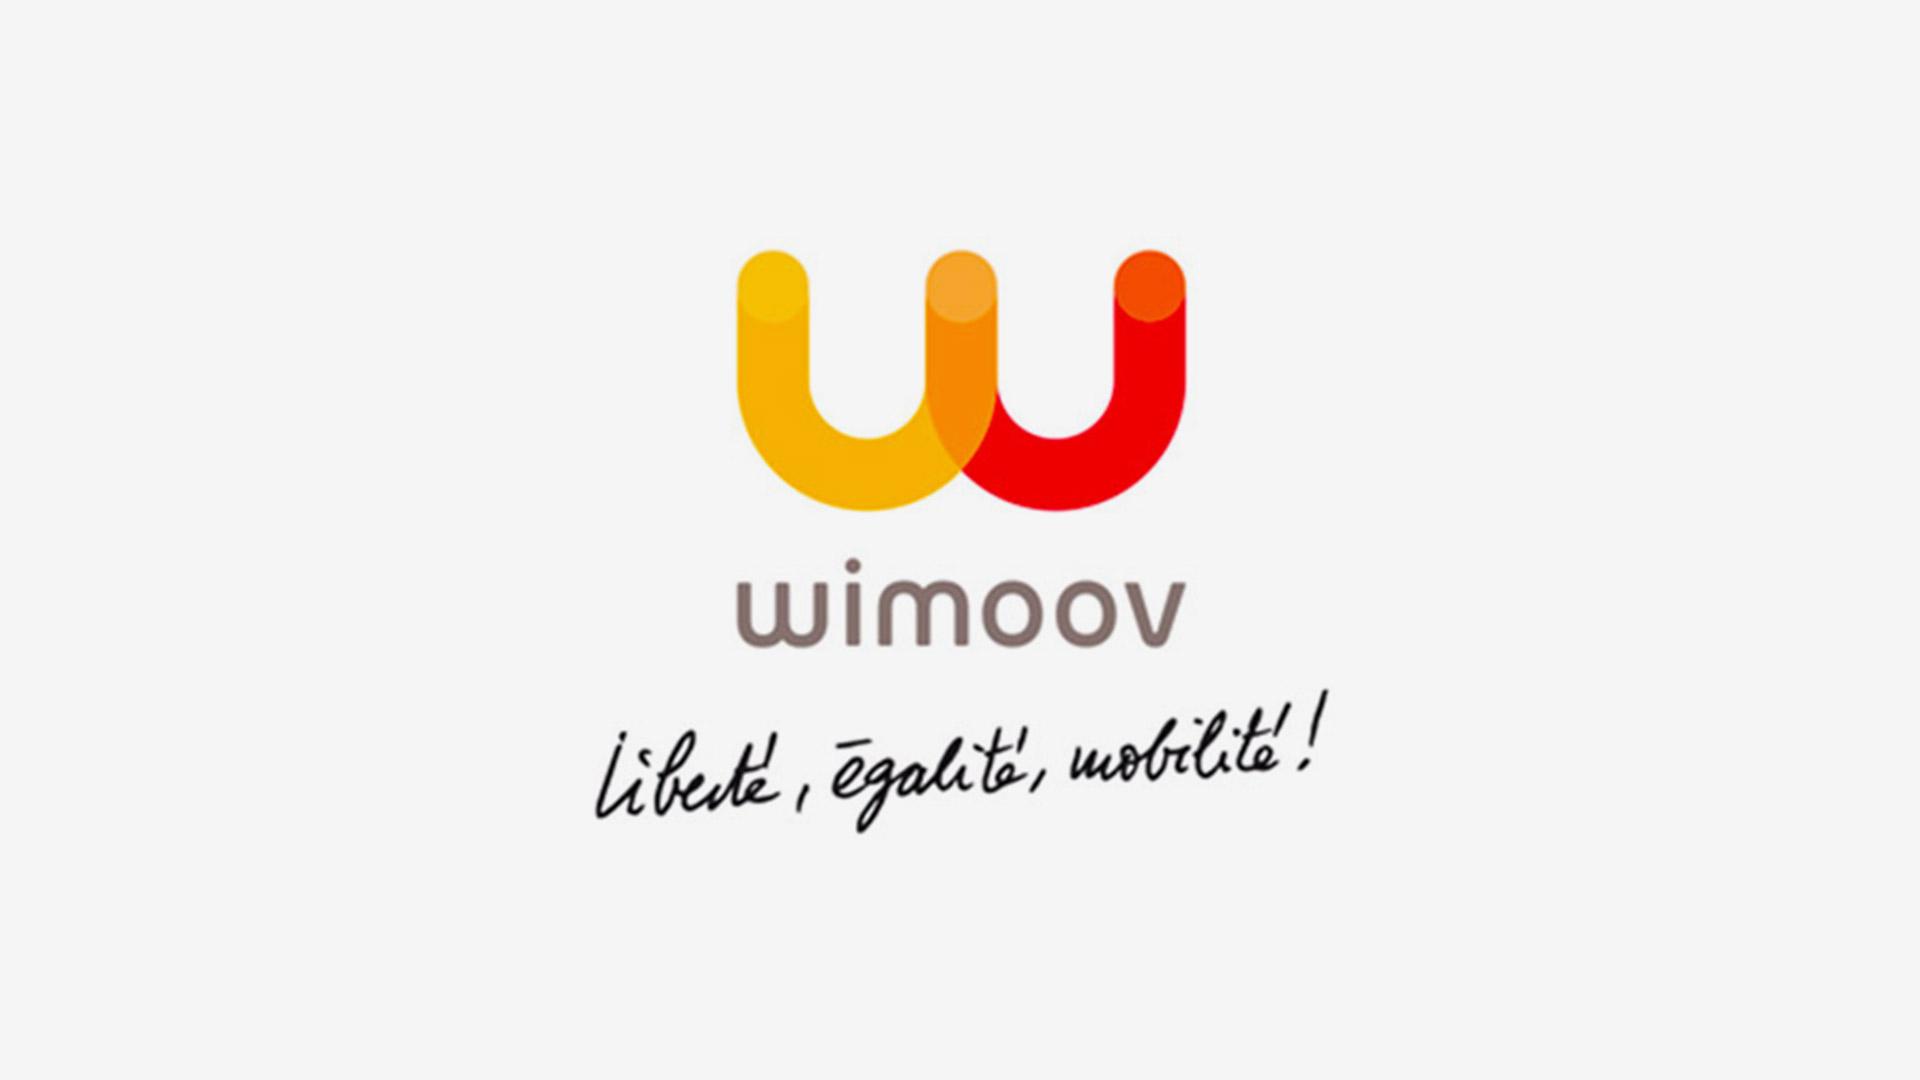 wimoov-liberte-egalite-mobilite-wi-moov-